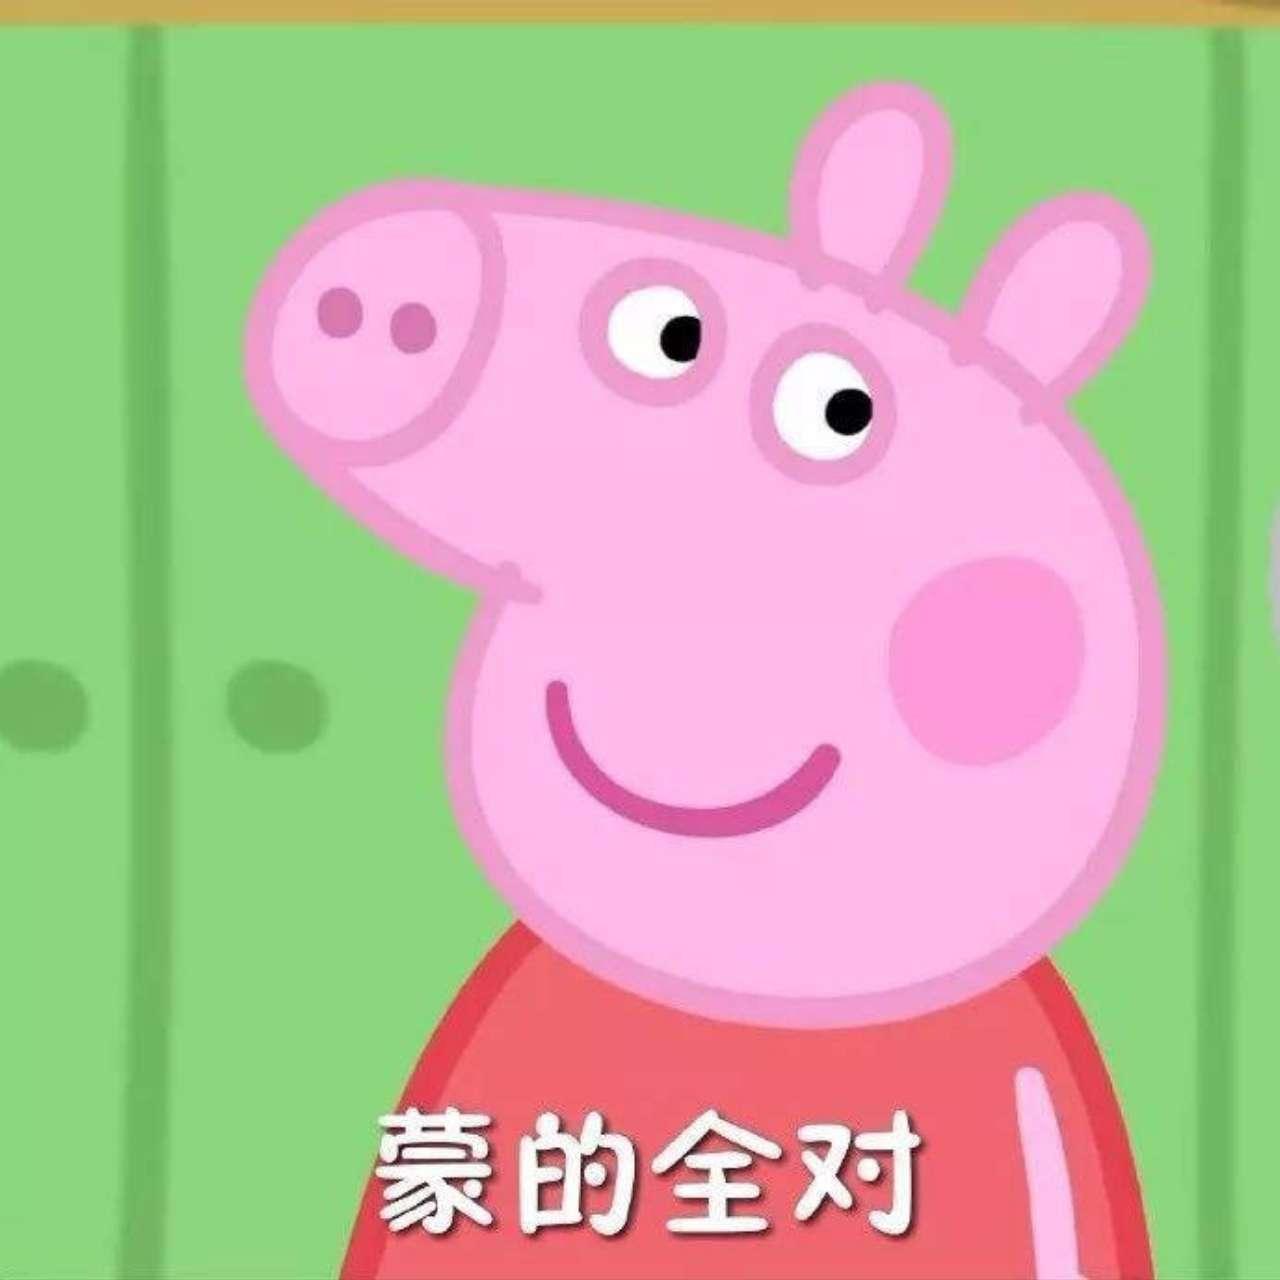 小猪佩奇玩个球